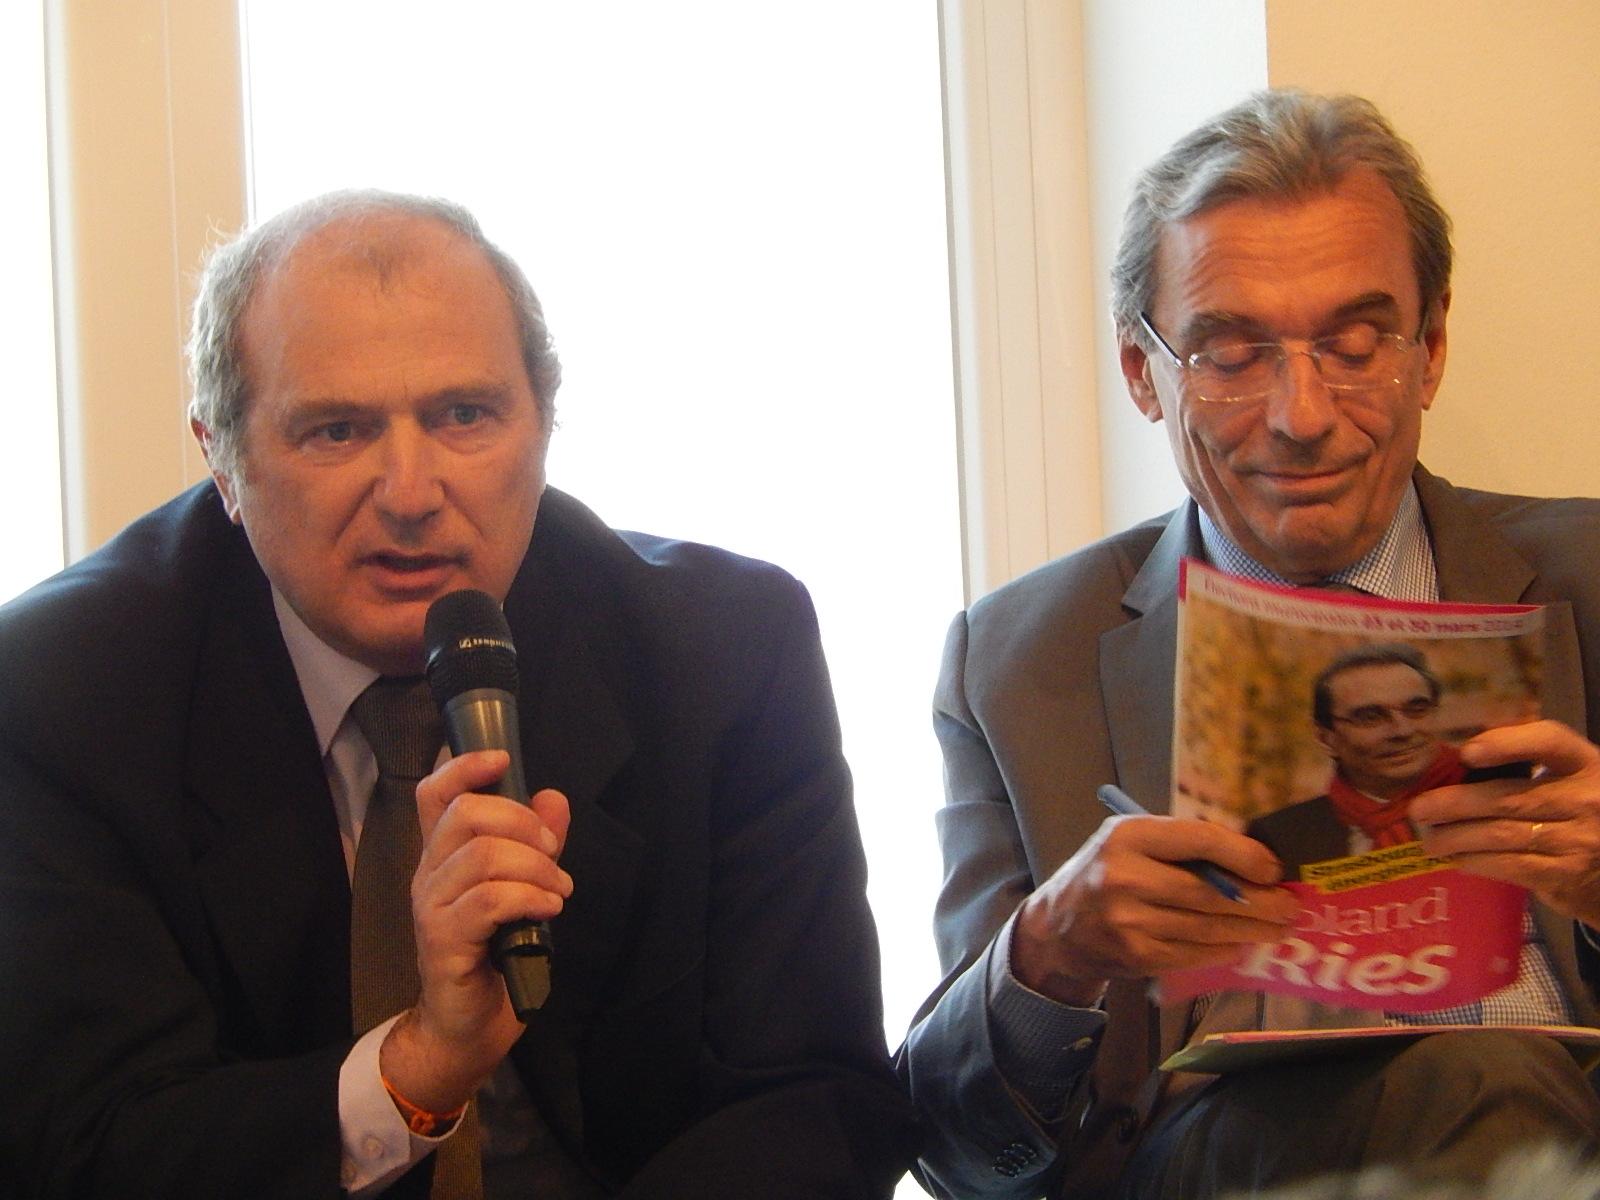 Municipales 2014 Strasbourg: débat têtes de listes